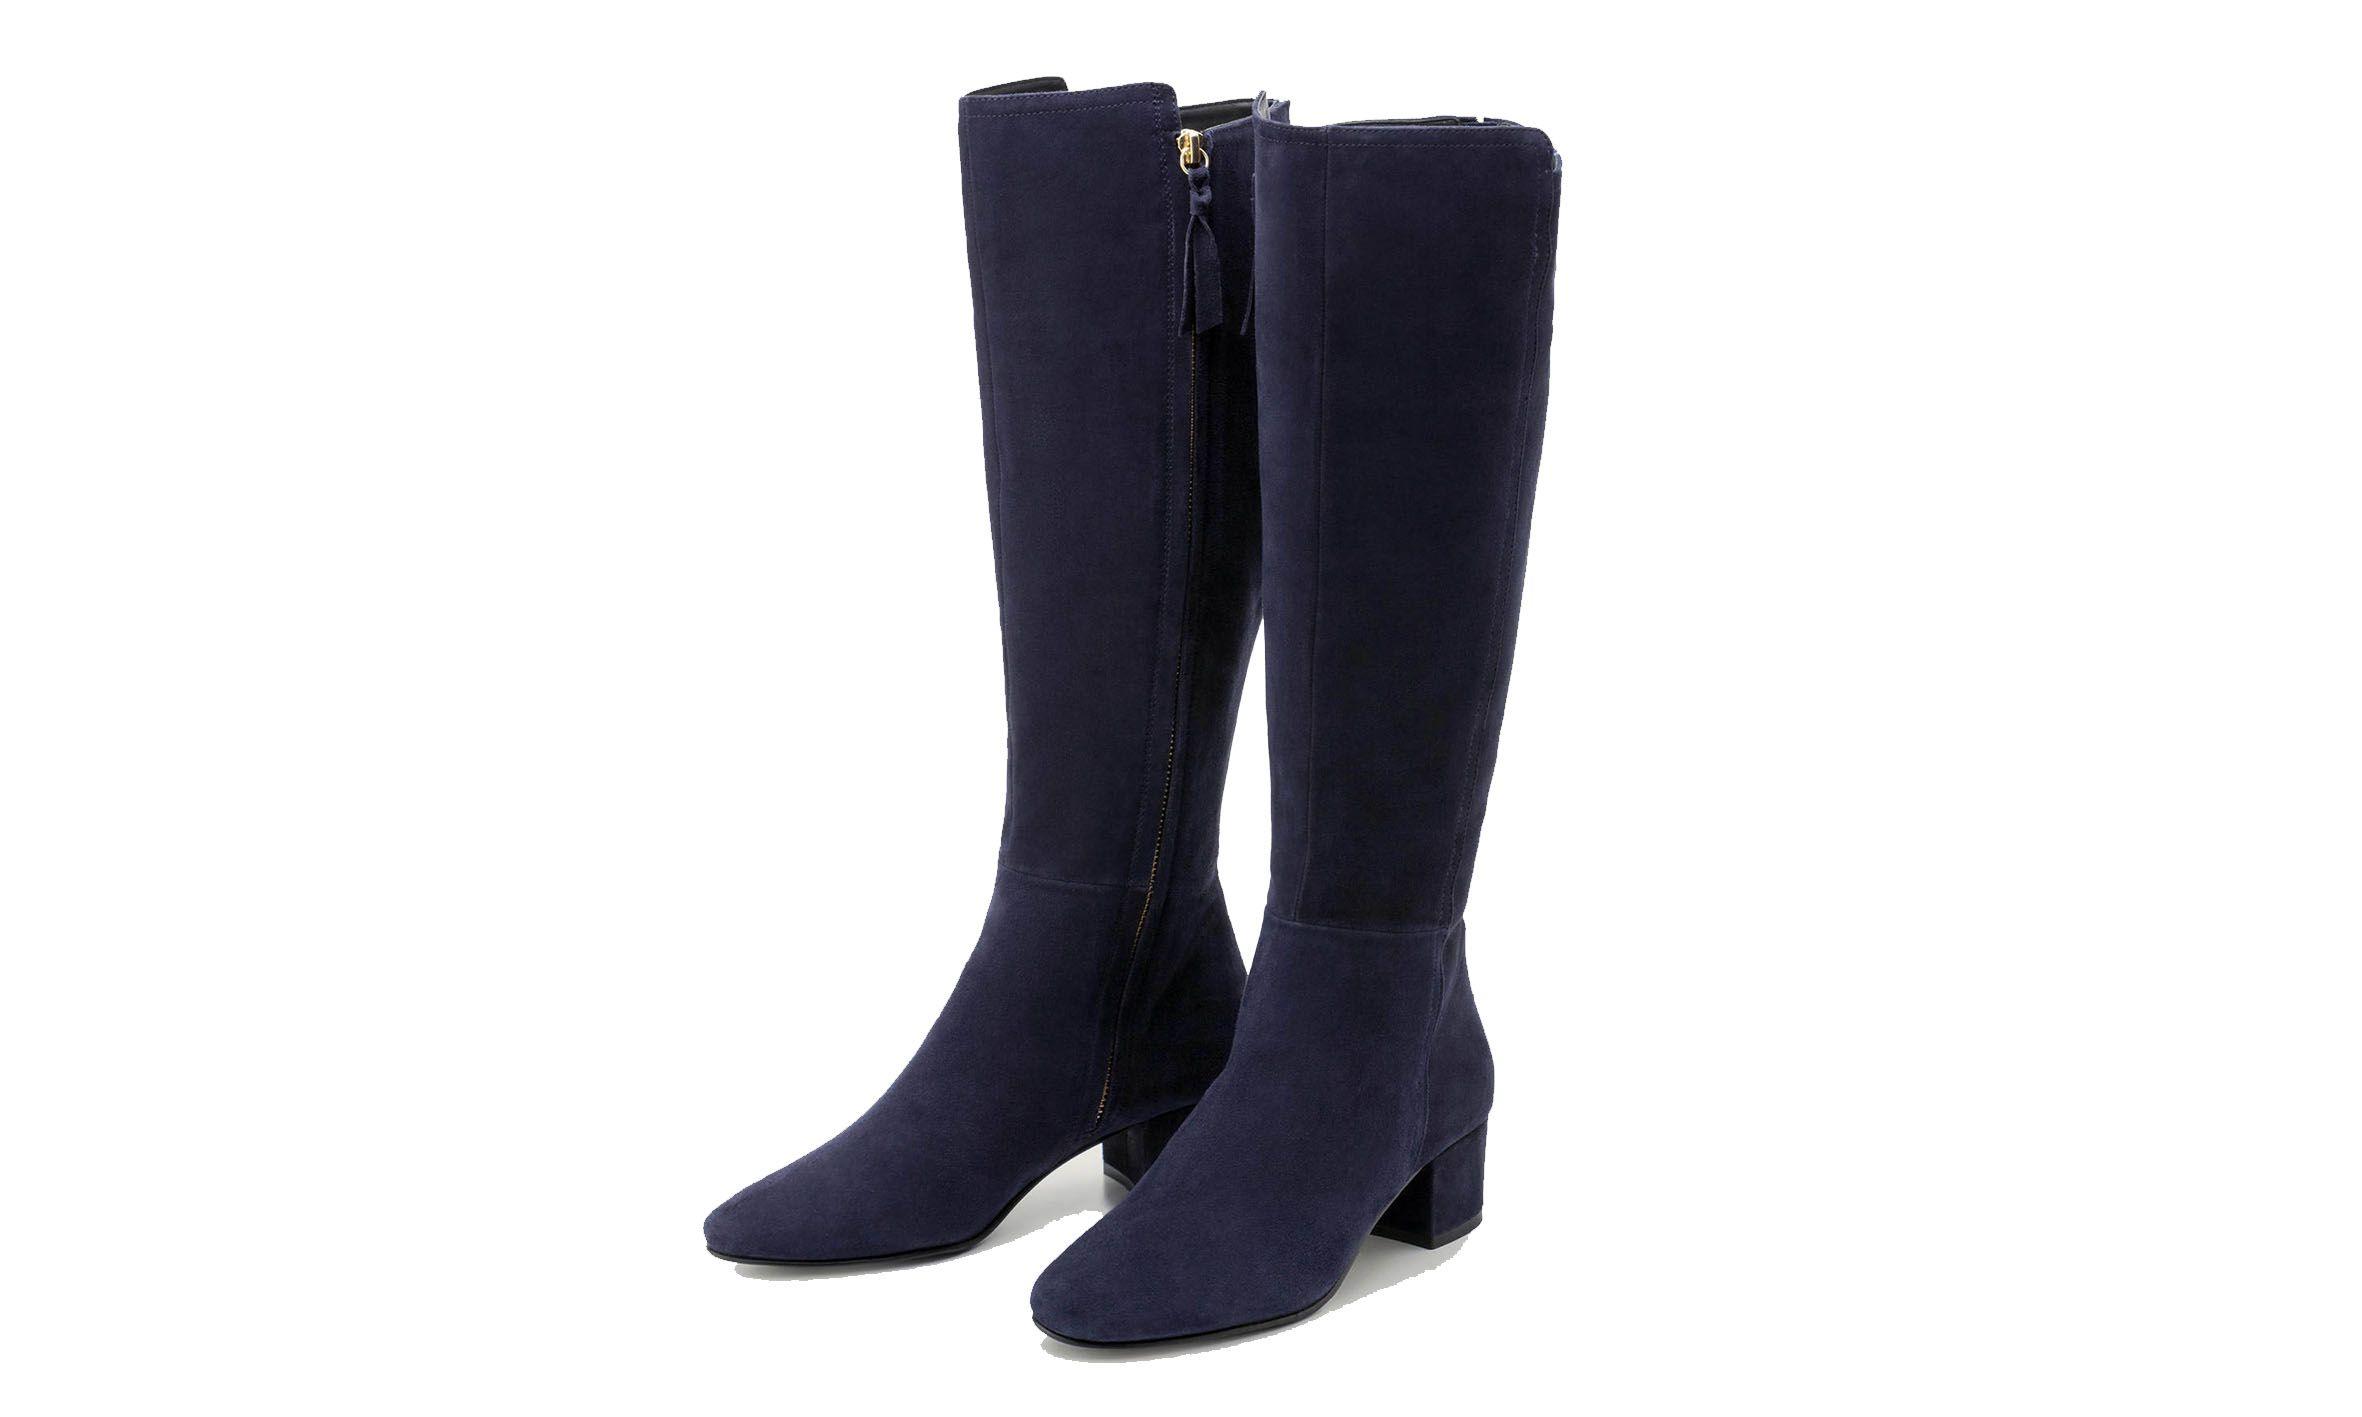 Knee High Autumnwinter For Best Boots LVqpSUMGz